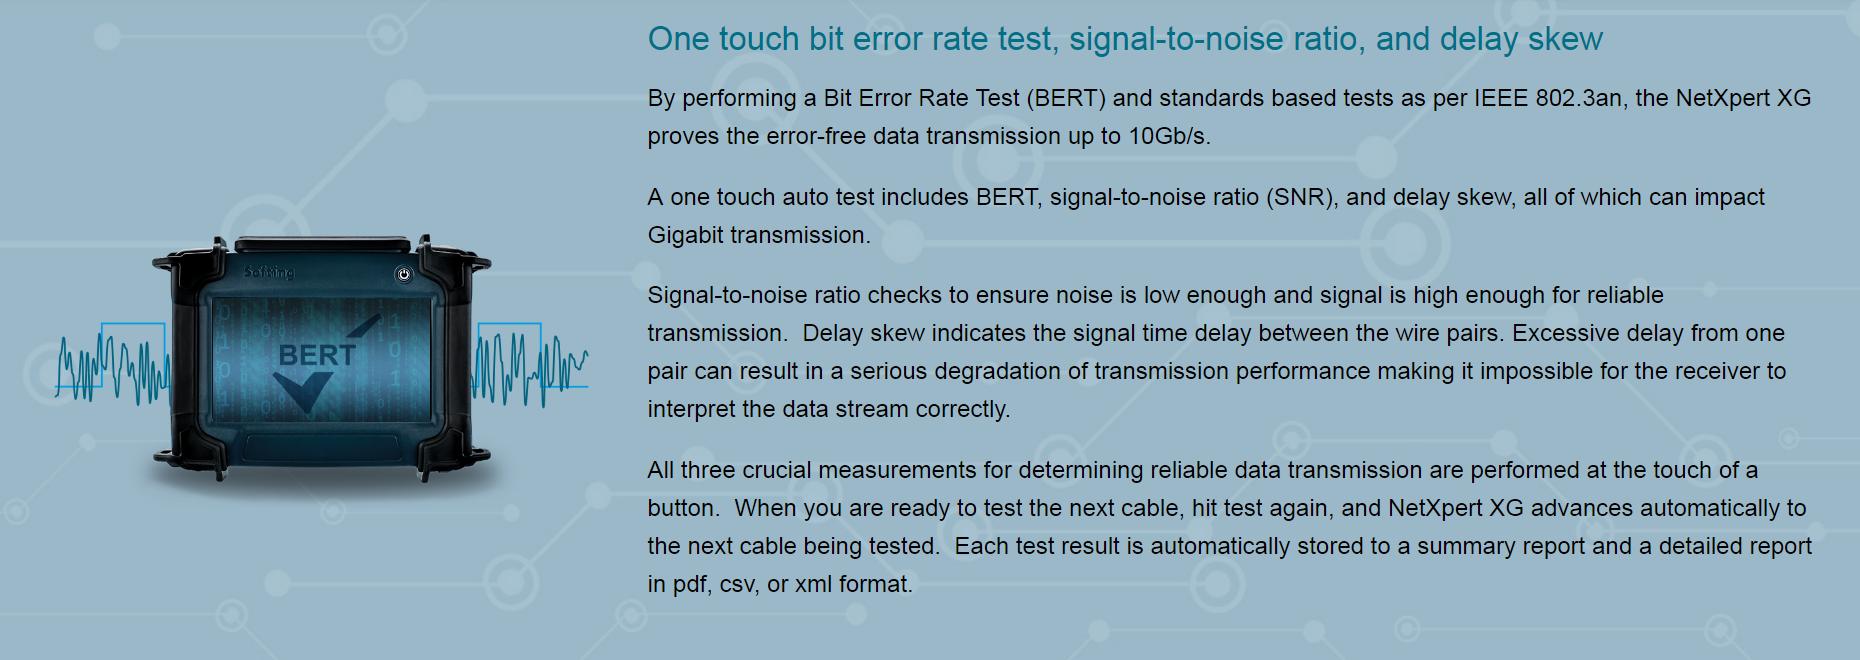 NetXpert Paragraph 2